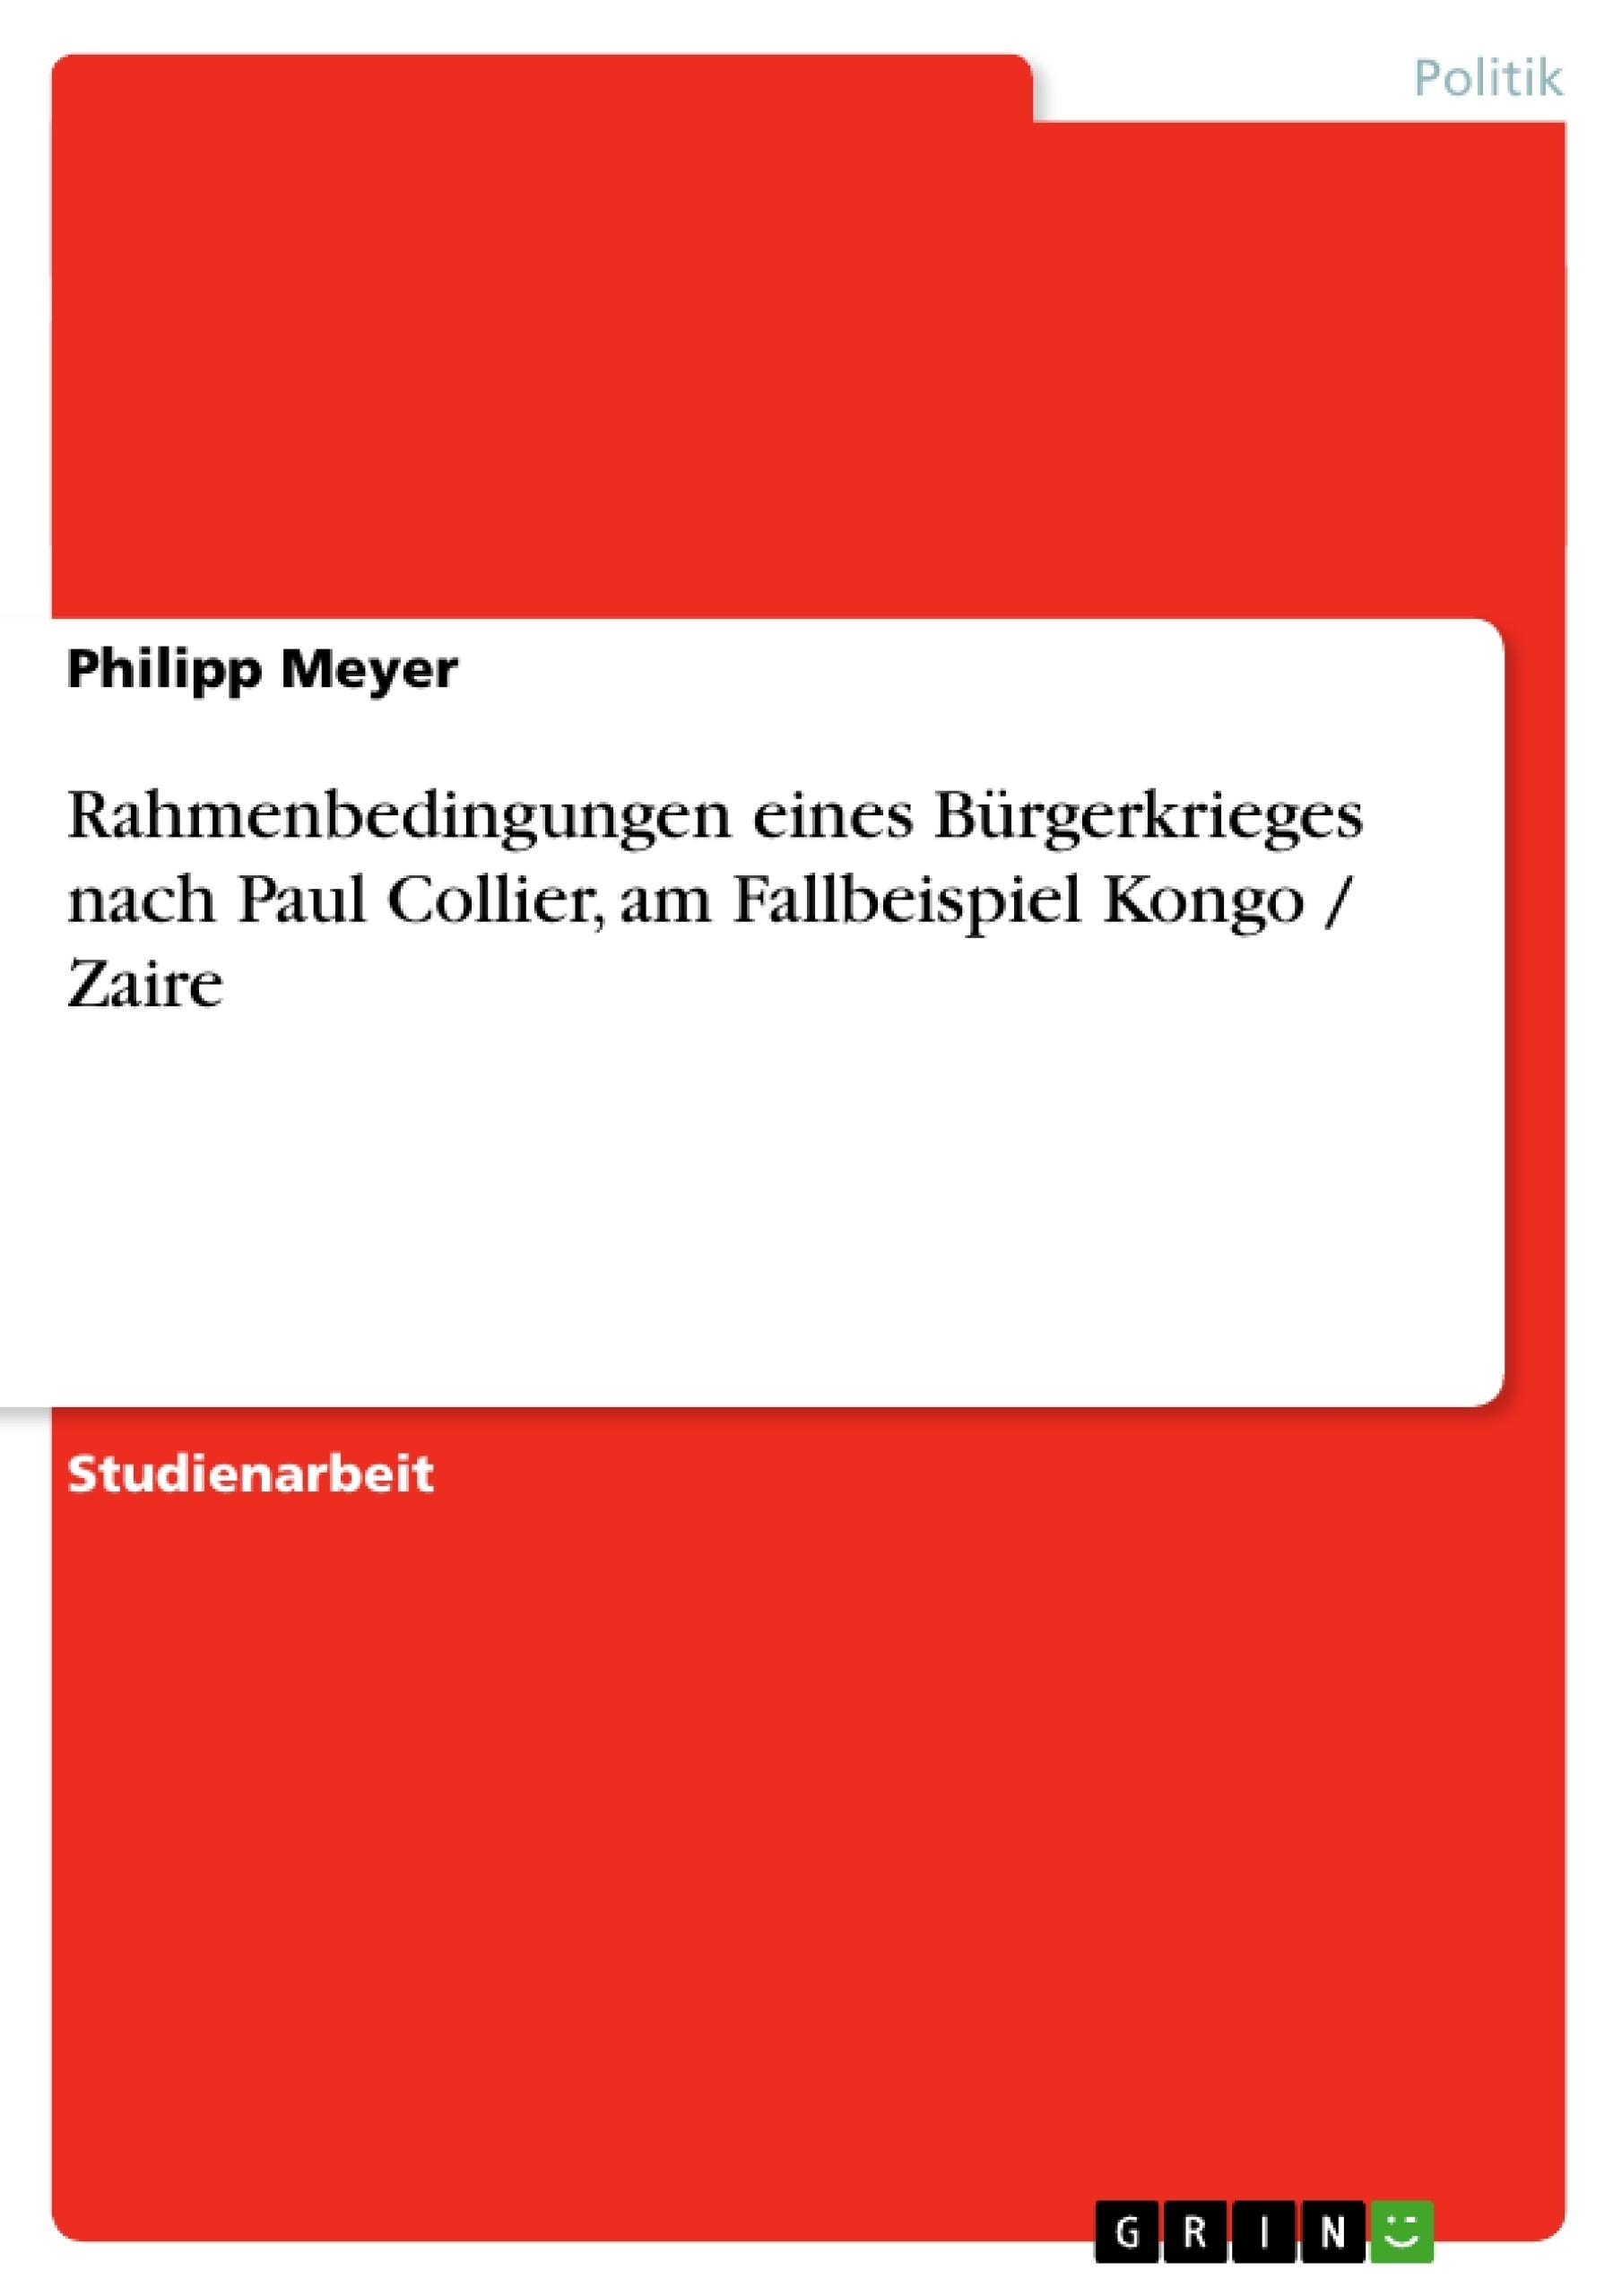 Titel: Rahmenbedingungen eines Bürgerkrieges nach Paul Collier, am Fallbeispiel Kongo / Zaire